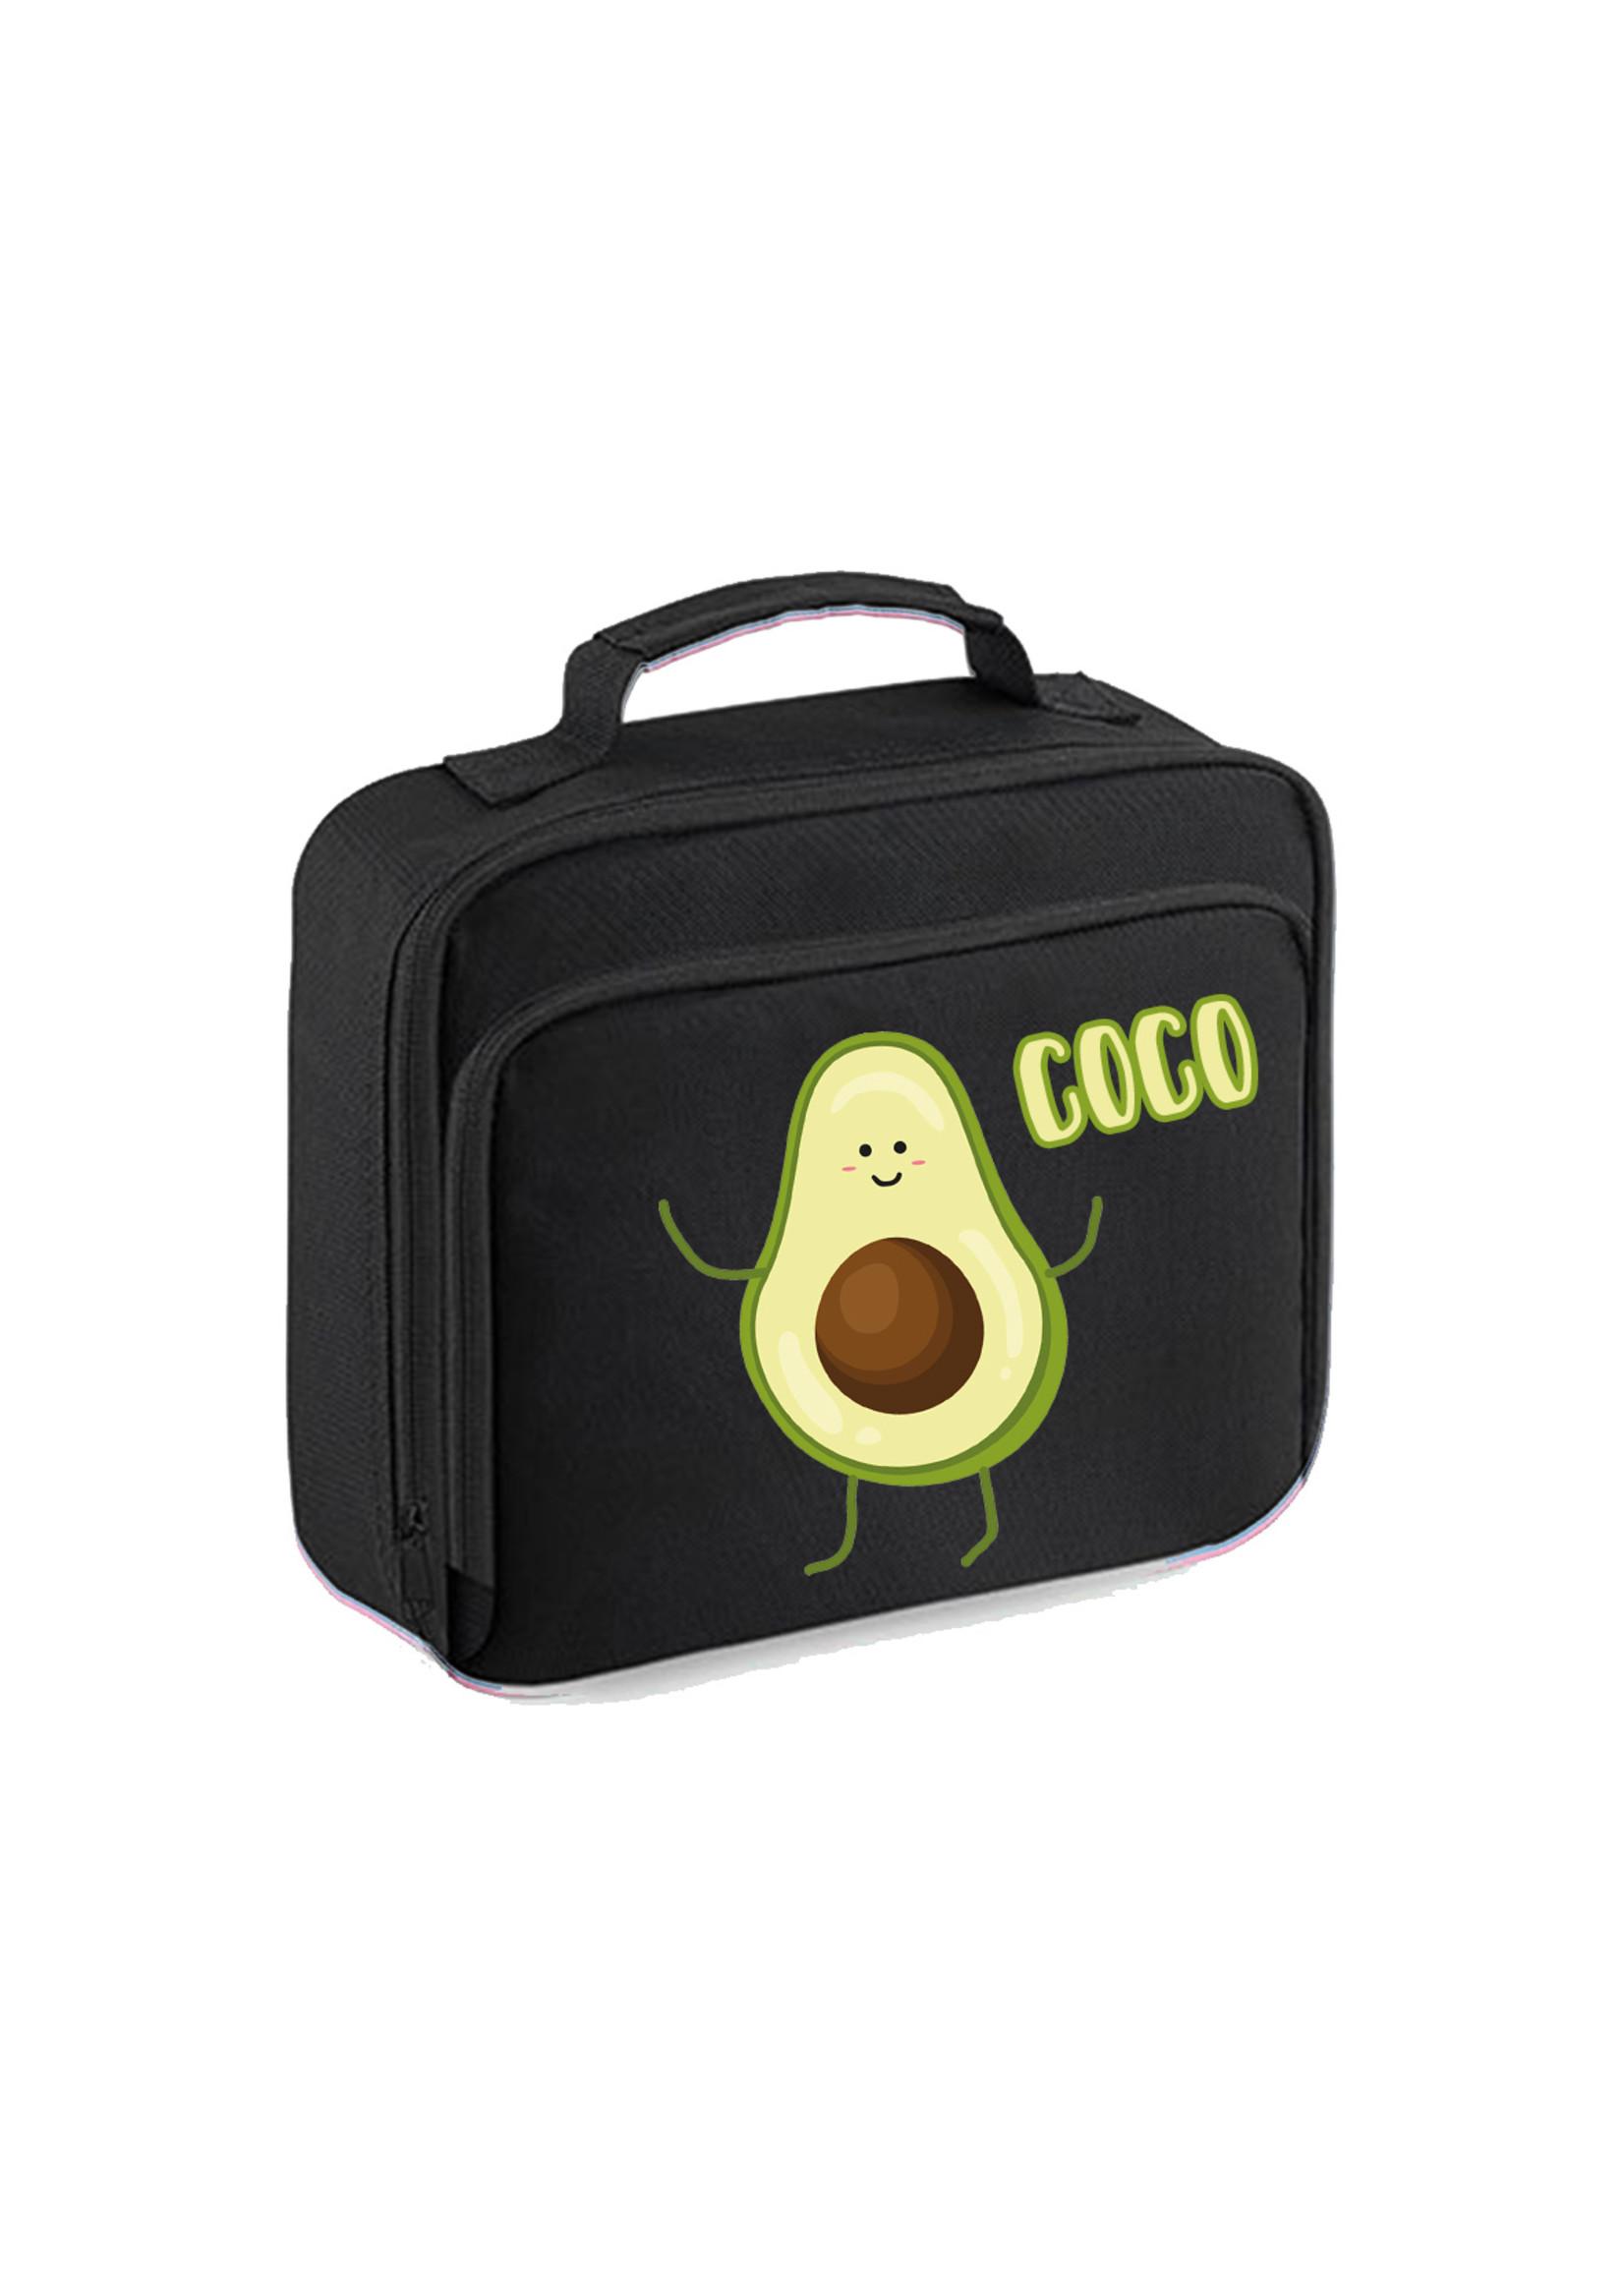 Koeltasje voor de lunch - avocado met naam